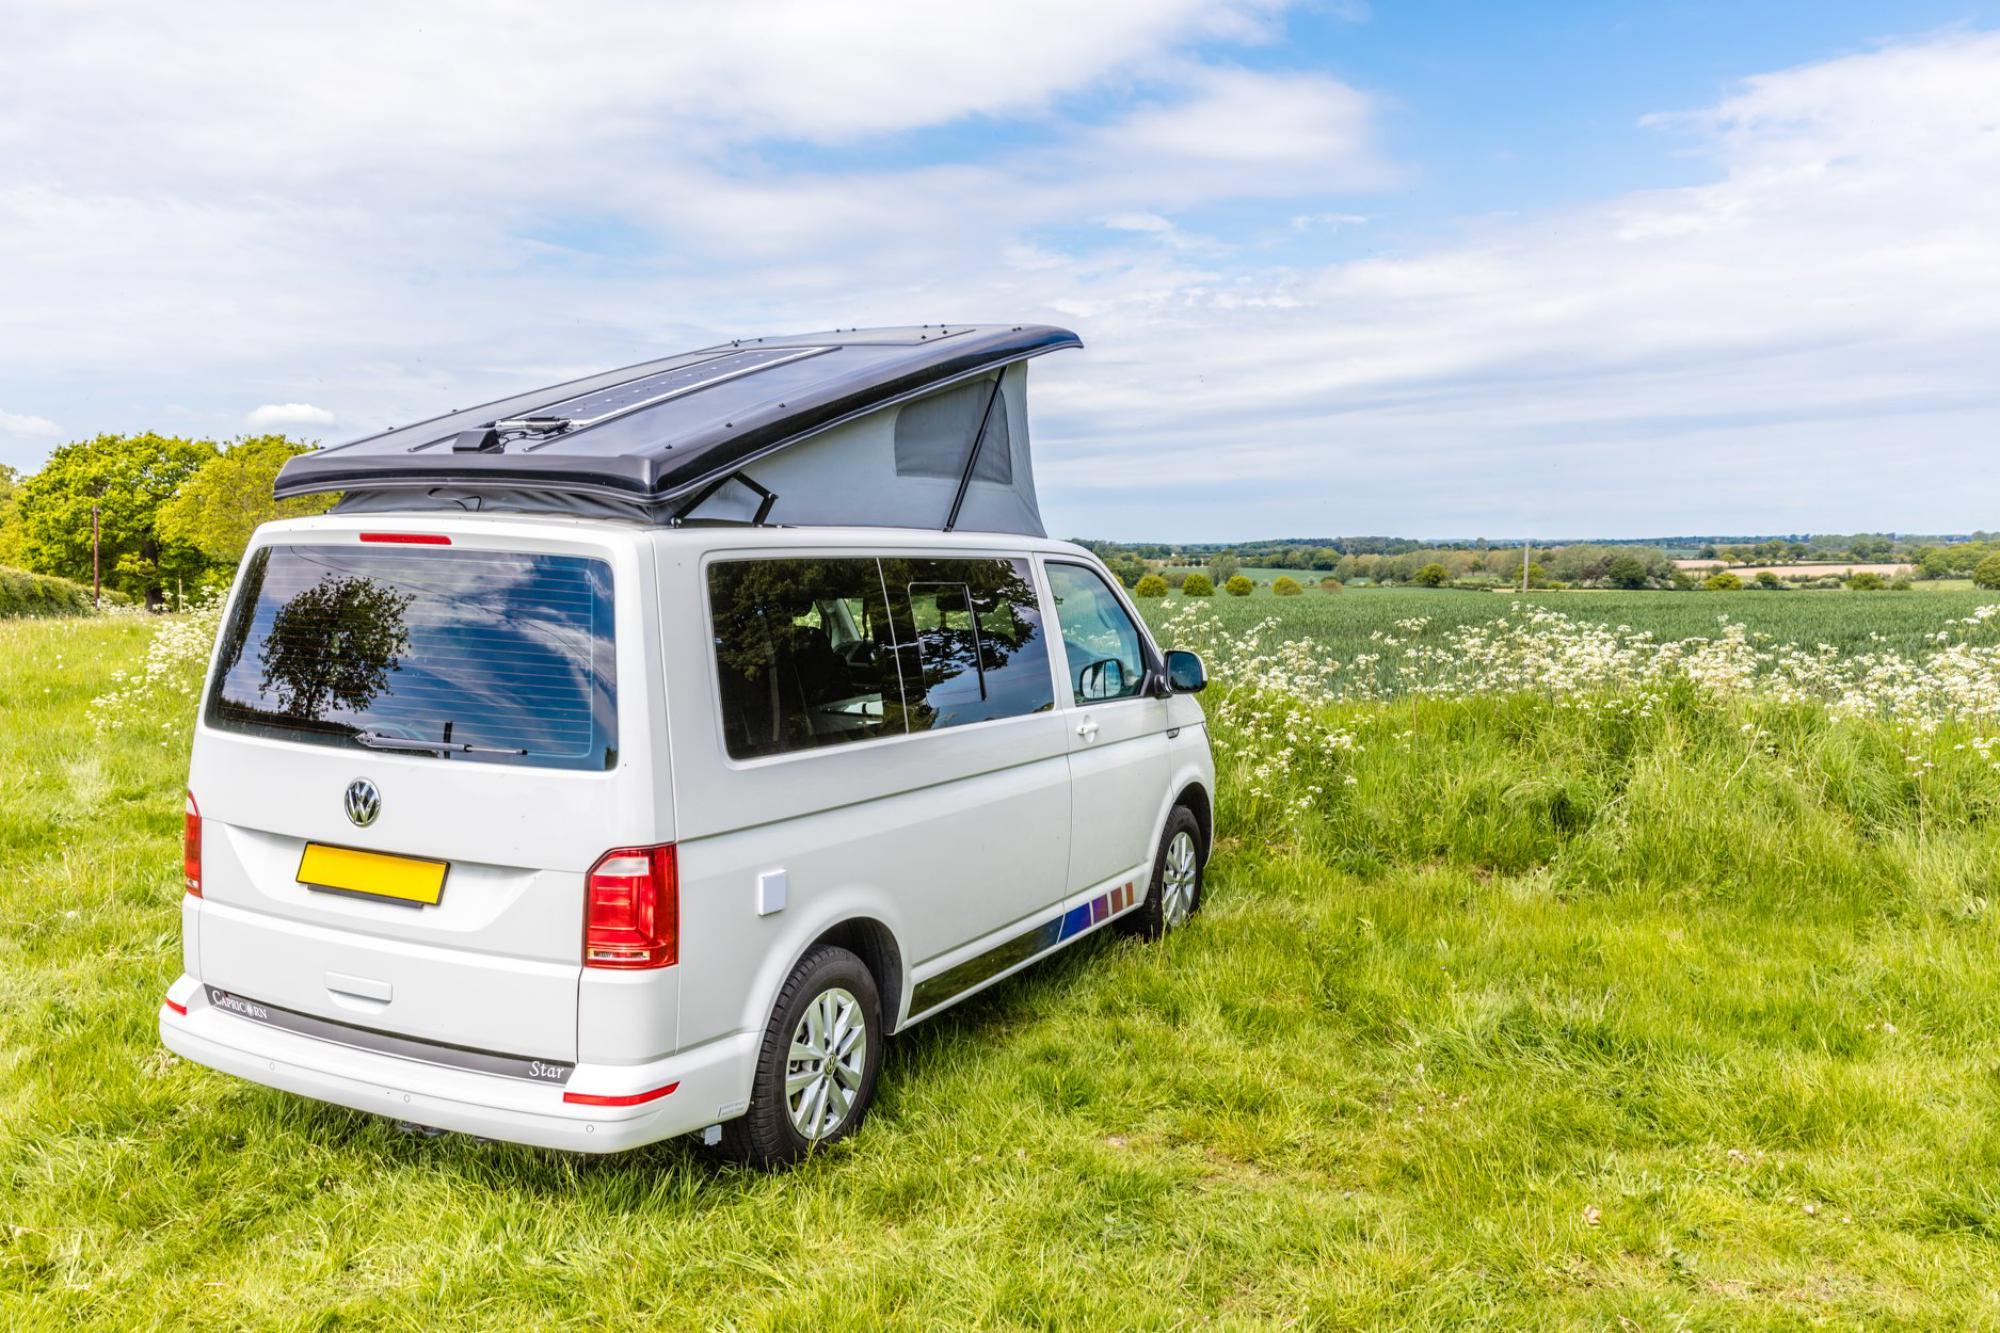 Campervan Hire in Norfolk | Motorhome Rental in Norfolk